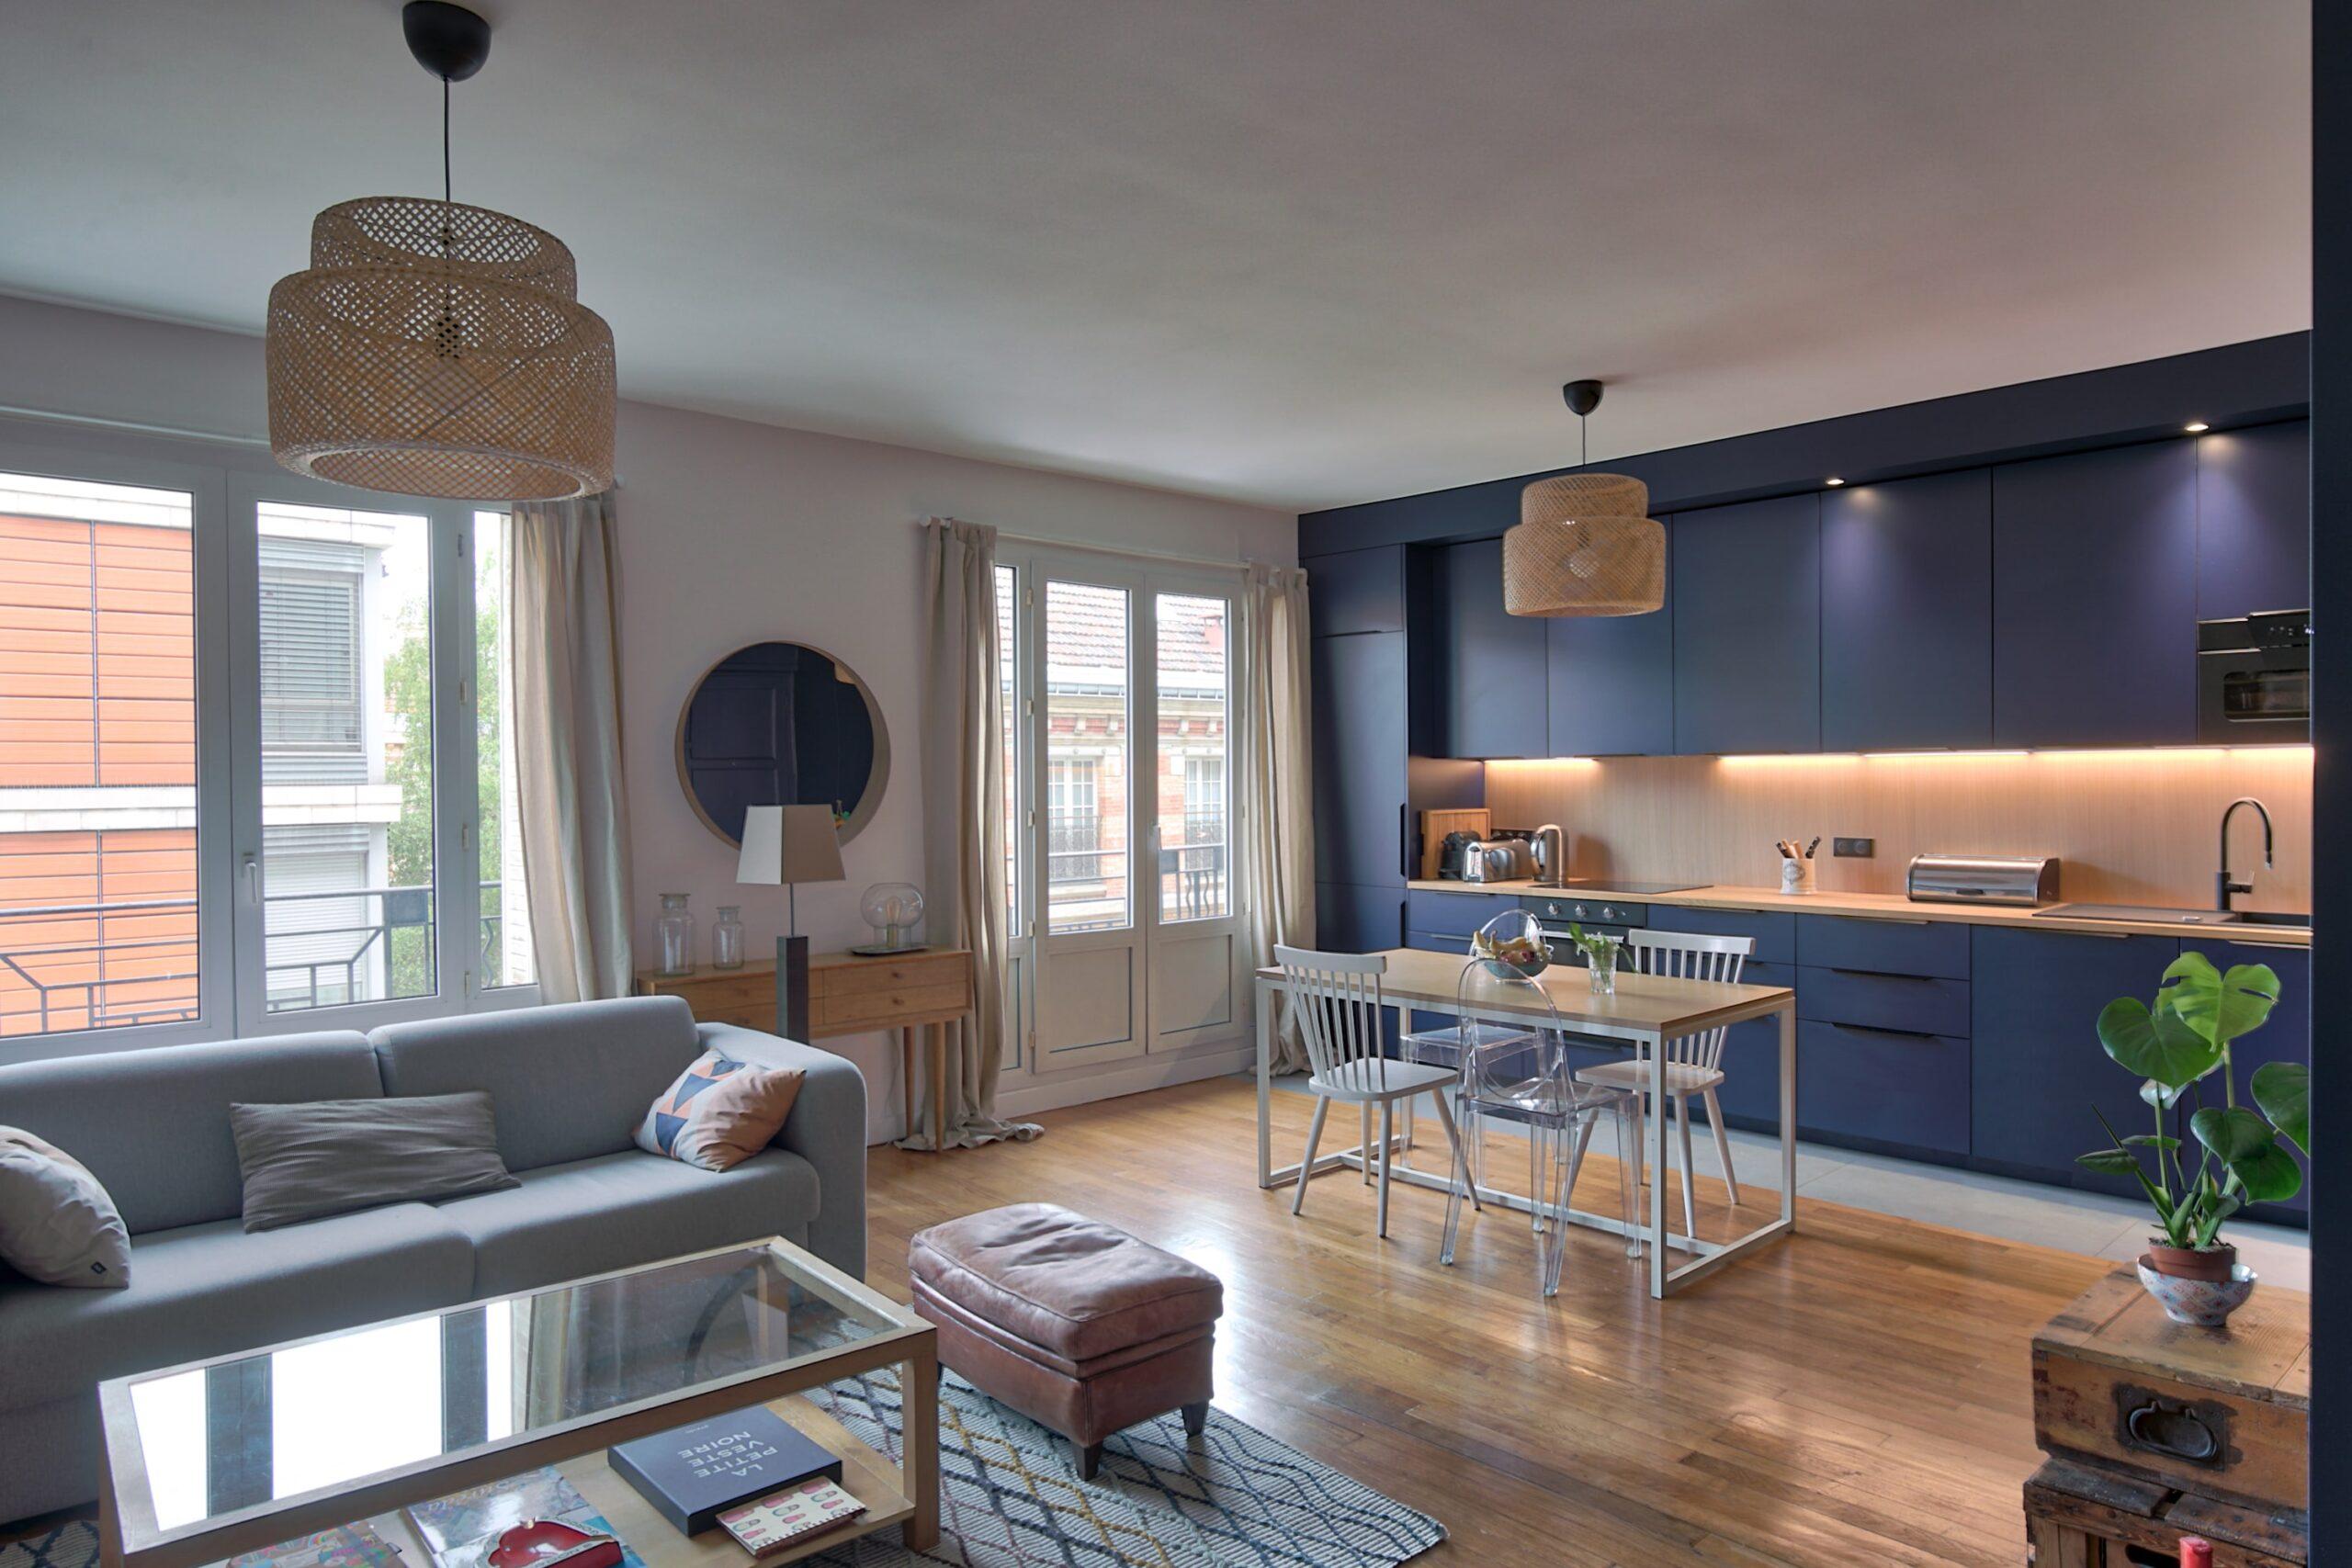 joseph-de-maistre-paris-18-renovation-appartement-architecture-interieur-favresse-architectes-01-min